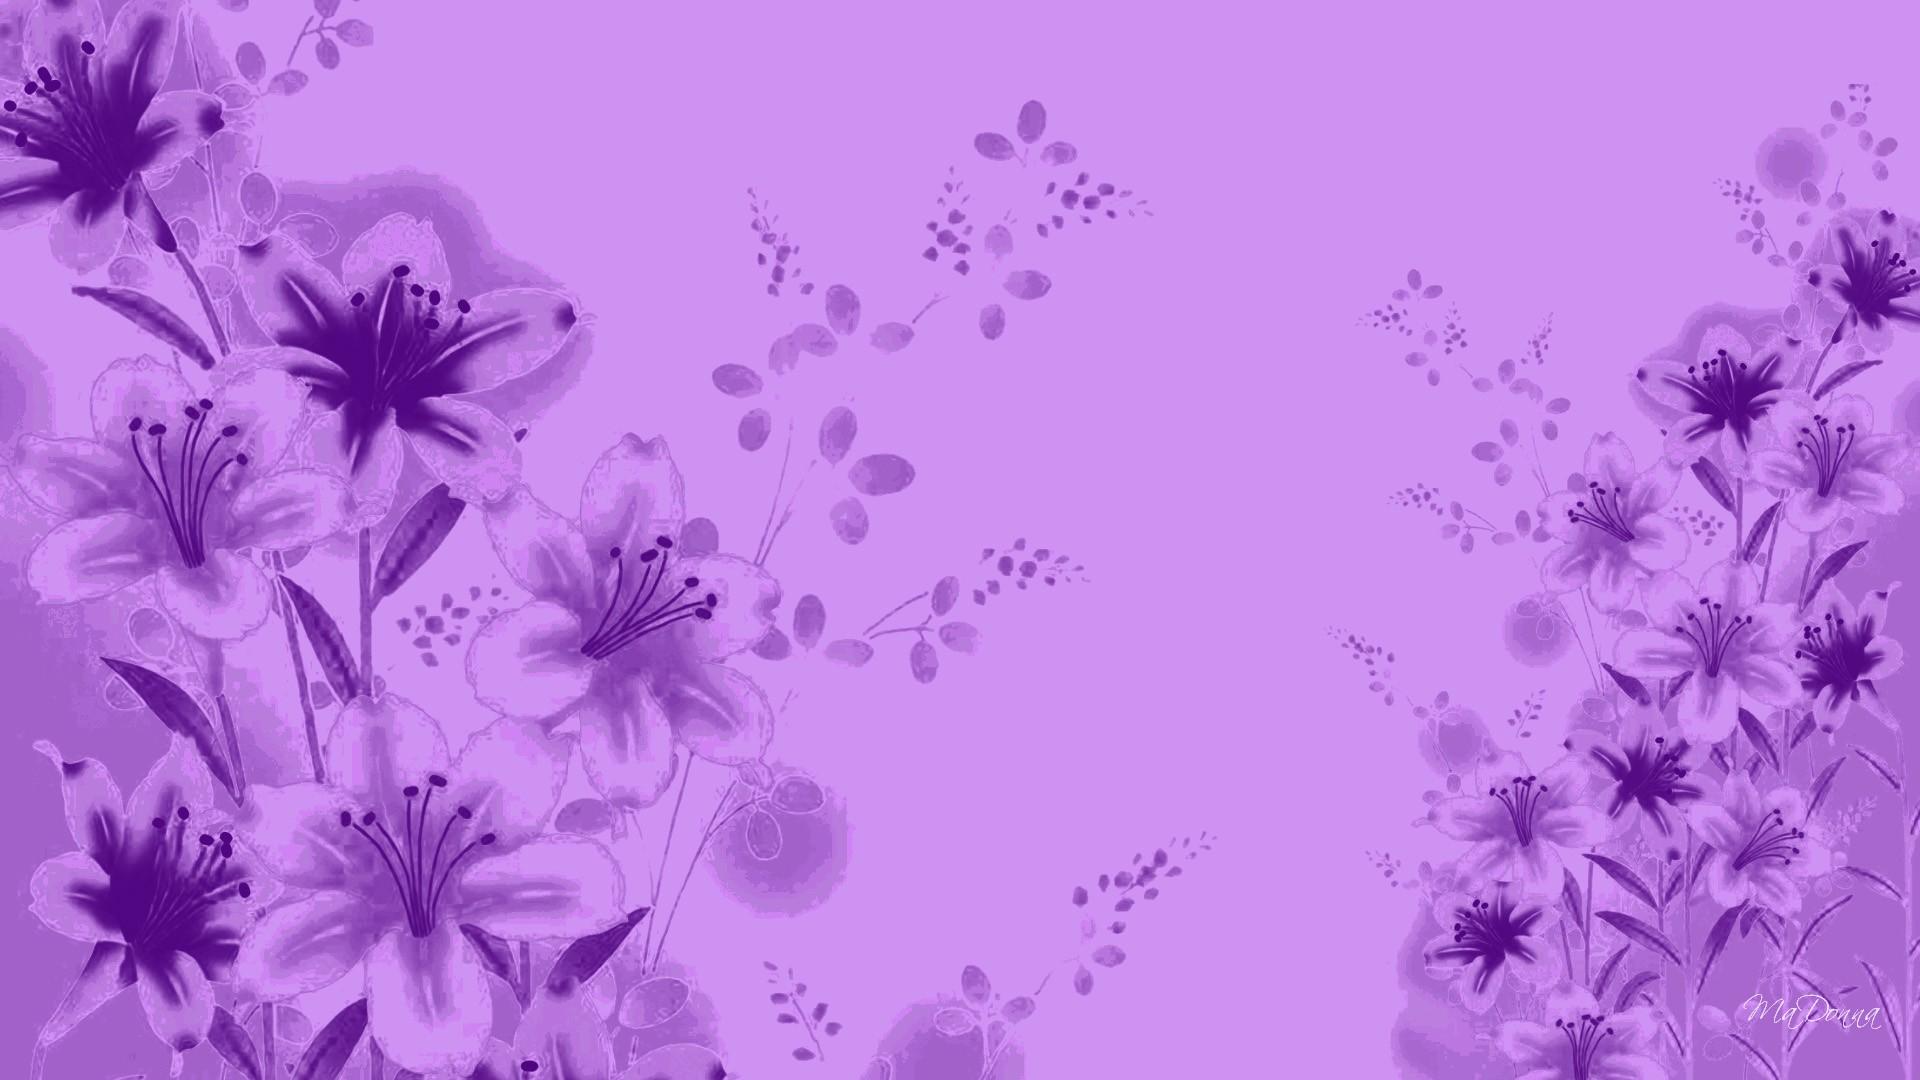 Lavender Color Wallpaper images 1920x1080